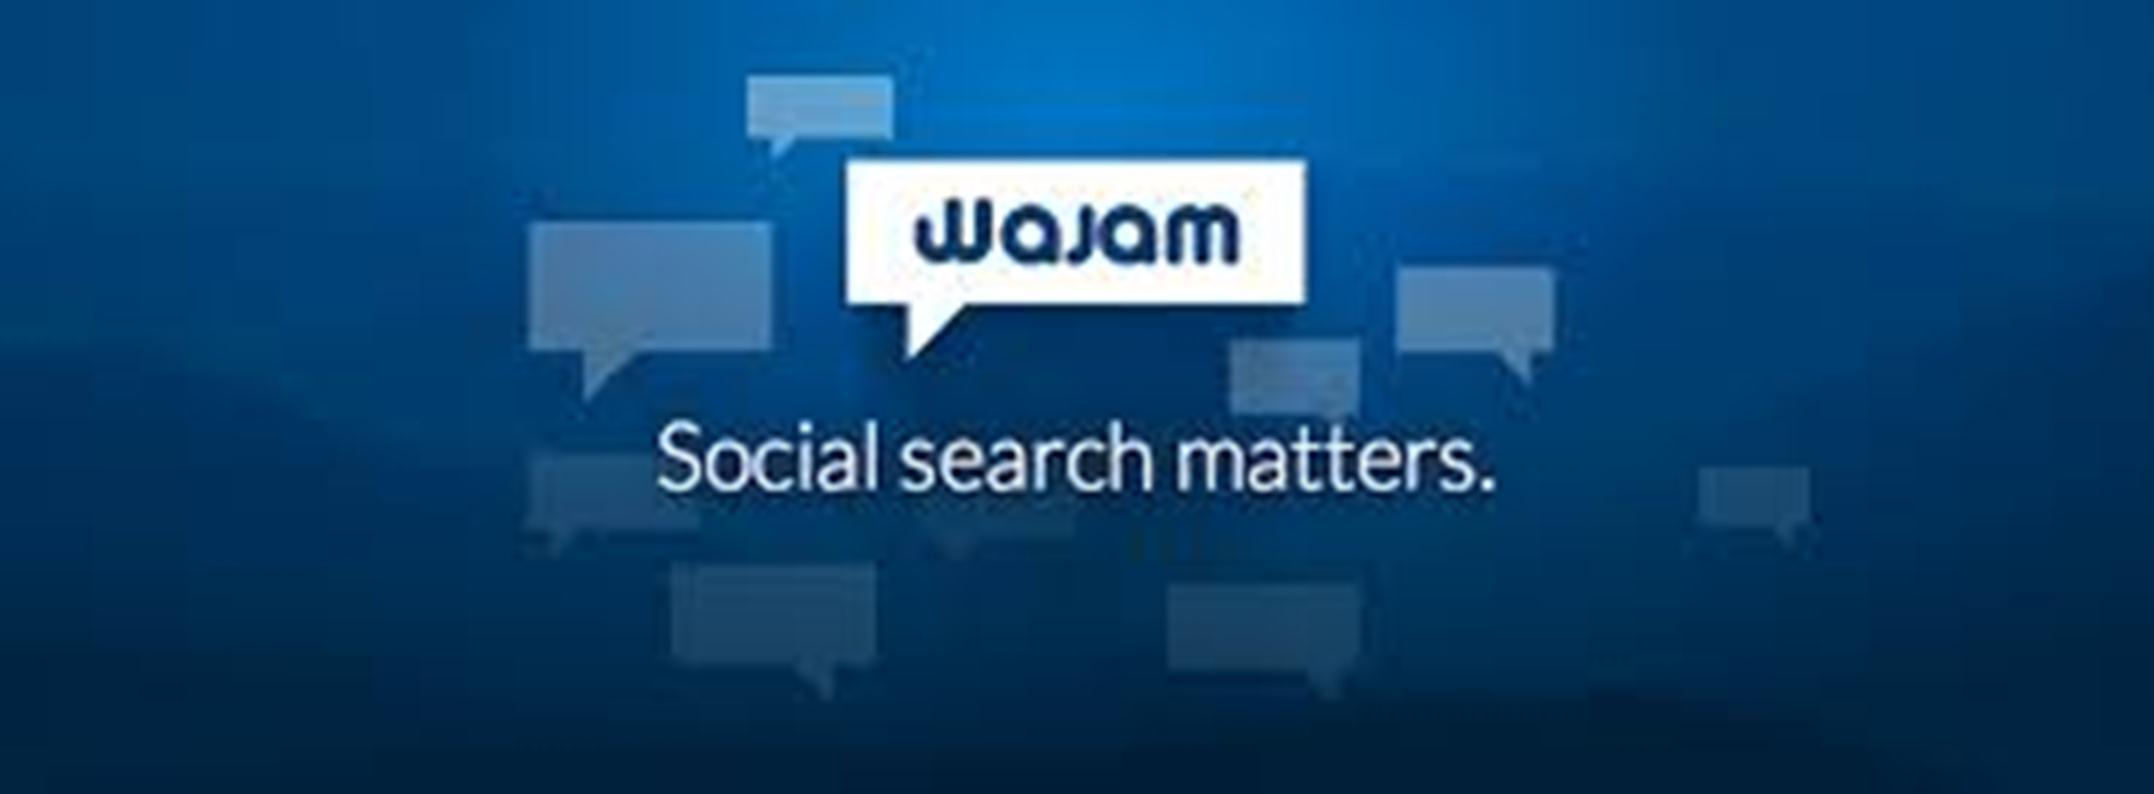 Come rimuovere Wajam? 1